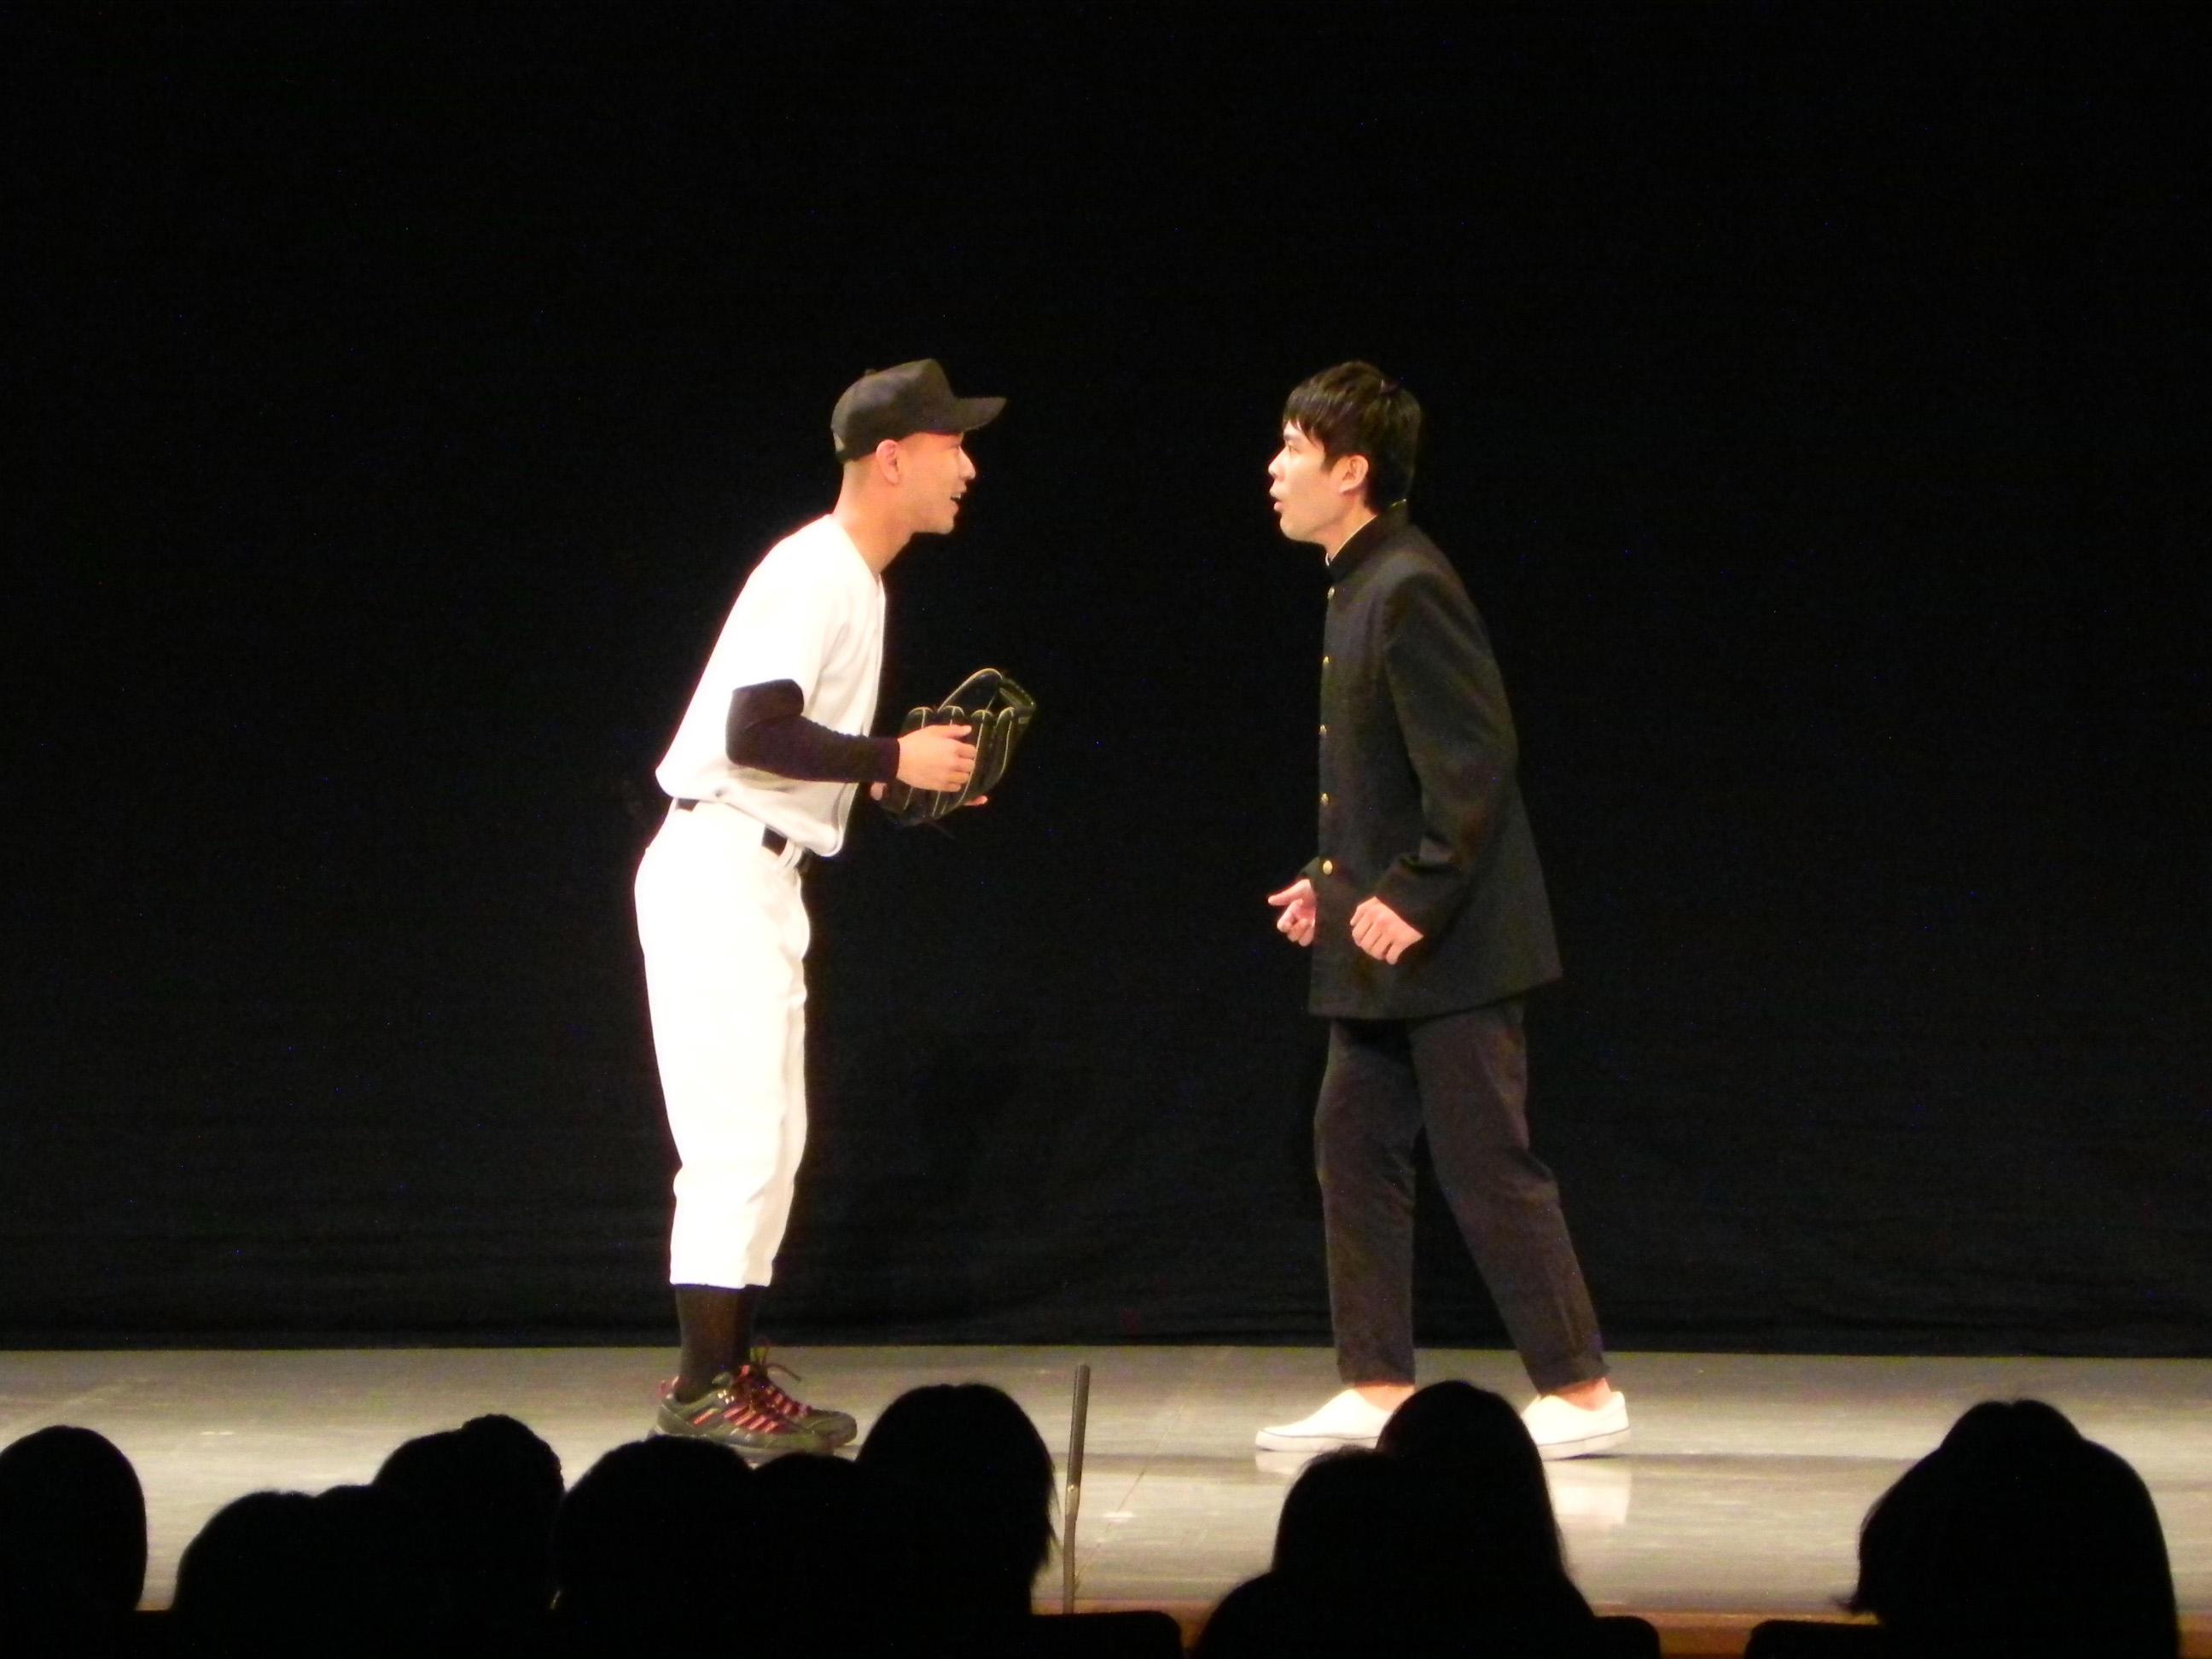 http://news.yoshimoto.co.jp/20170421205543-2b908905e48c9f0760dbec246fb76d4436fba1d7.jpg